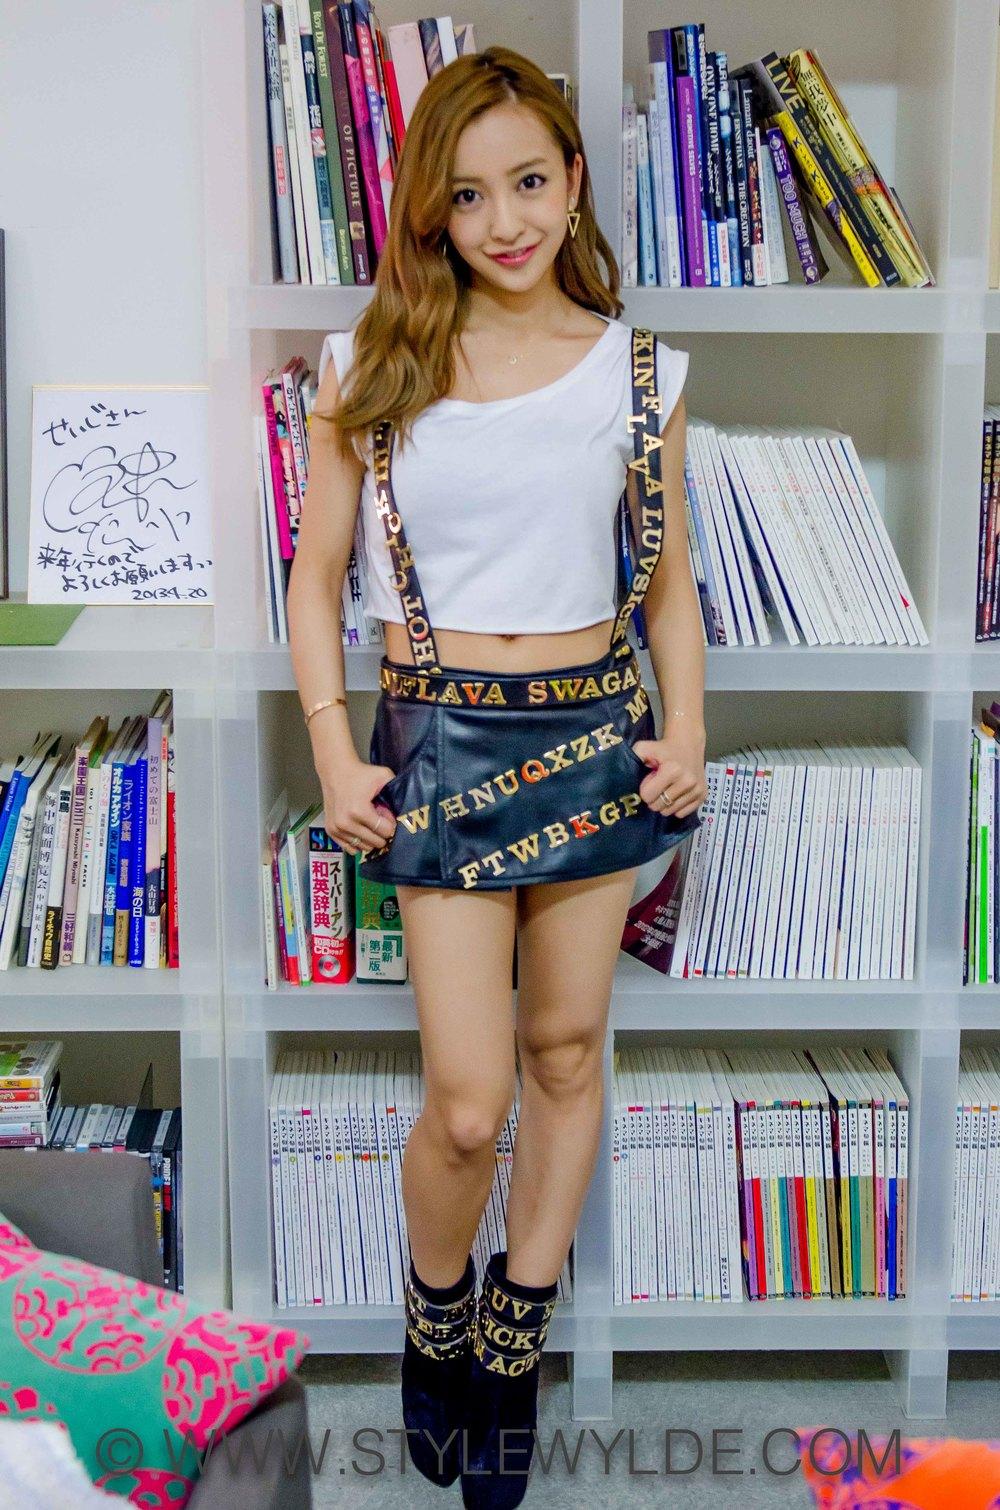 StyleWylde_TomomoItano_CHA (1 of 1)-2.jpg